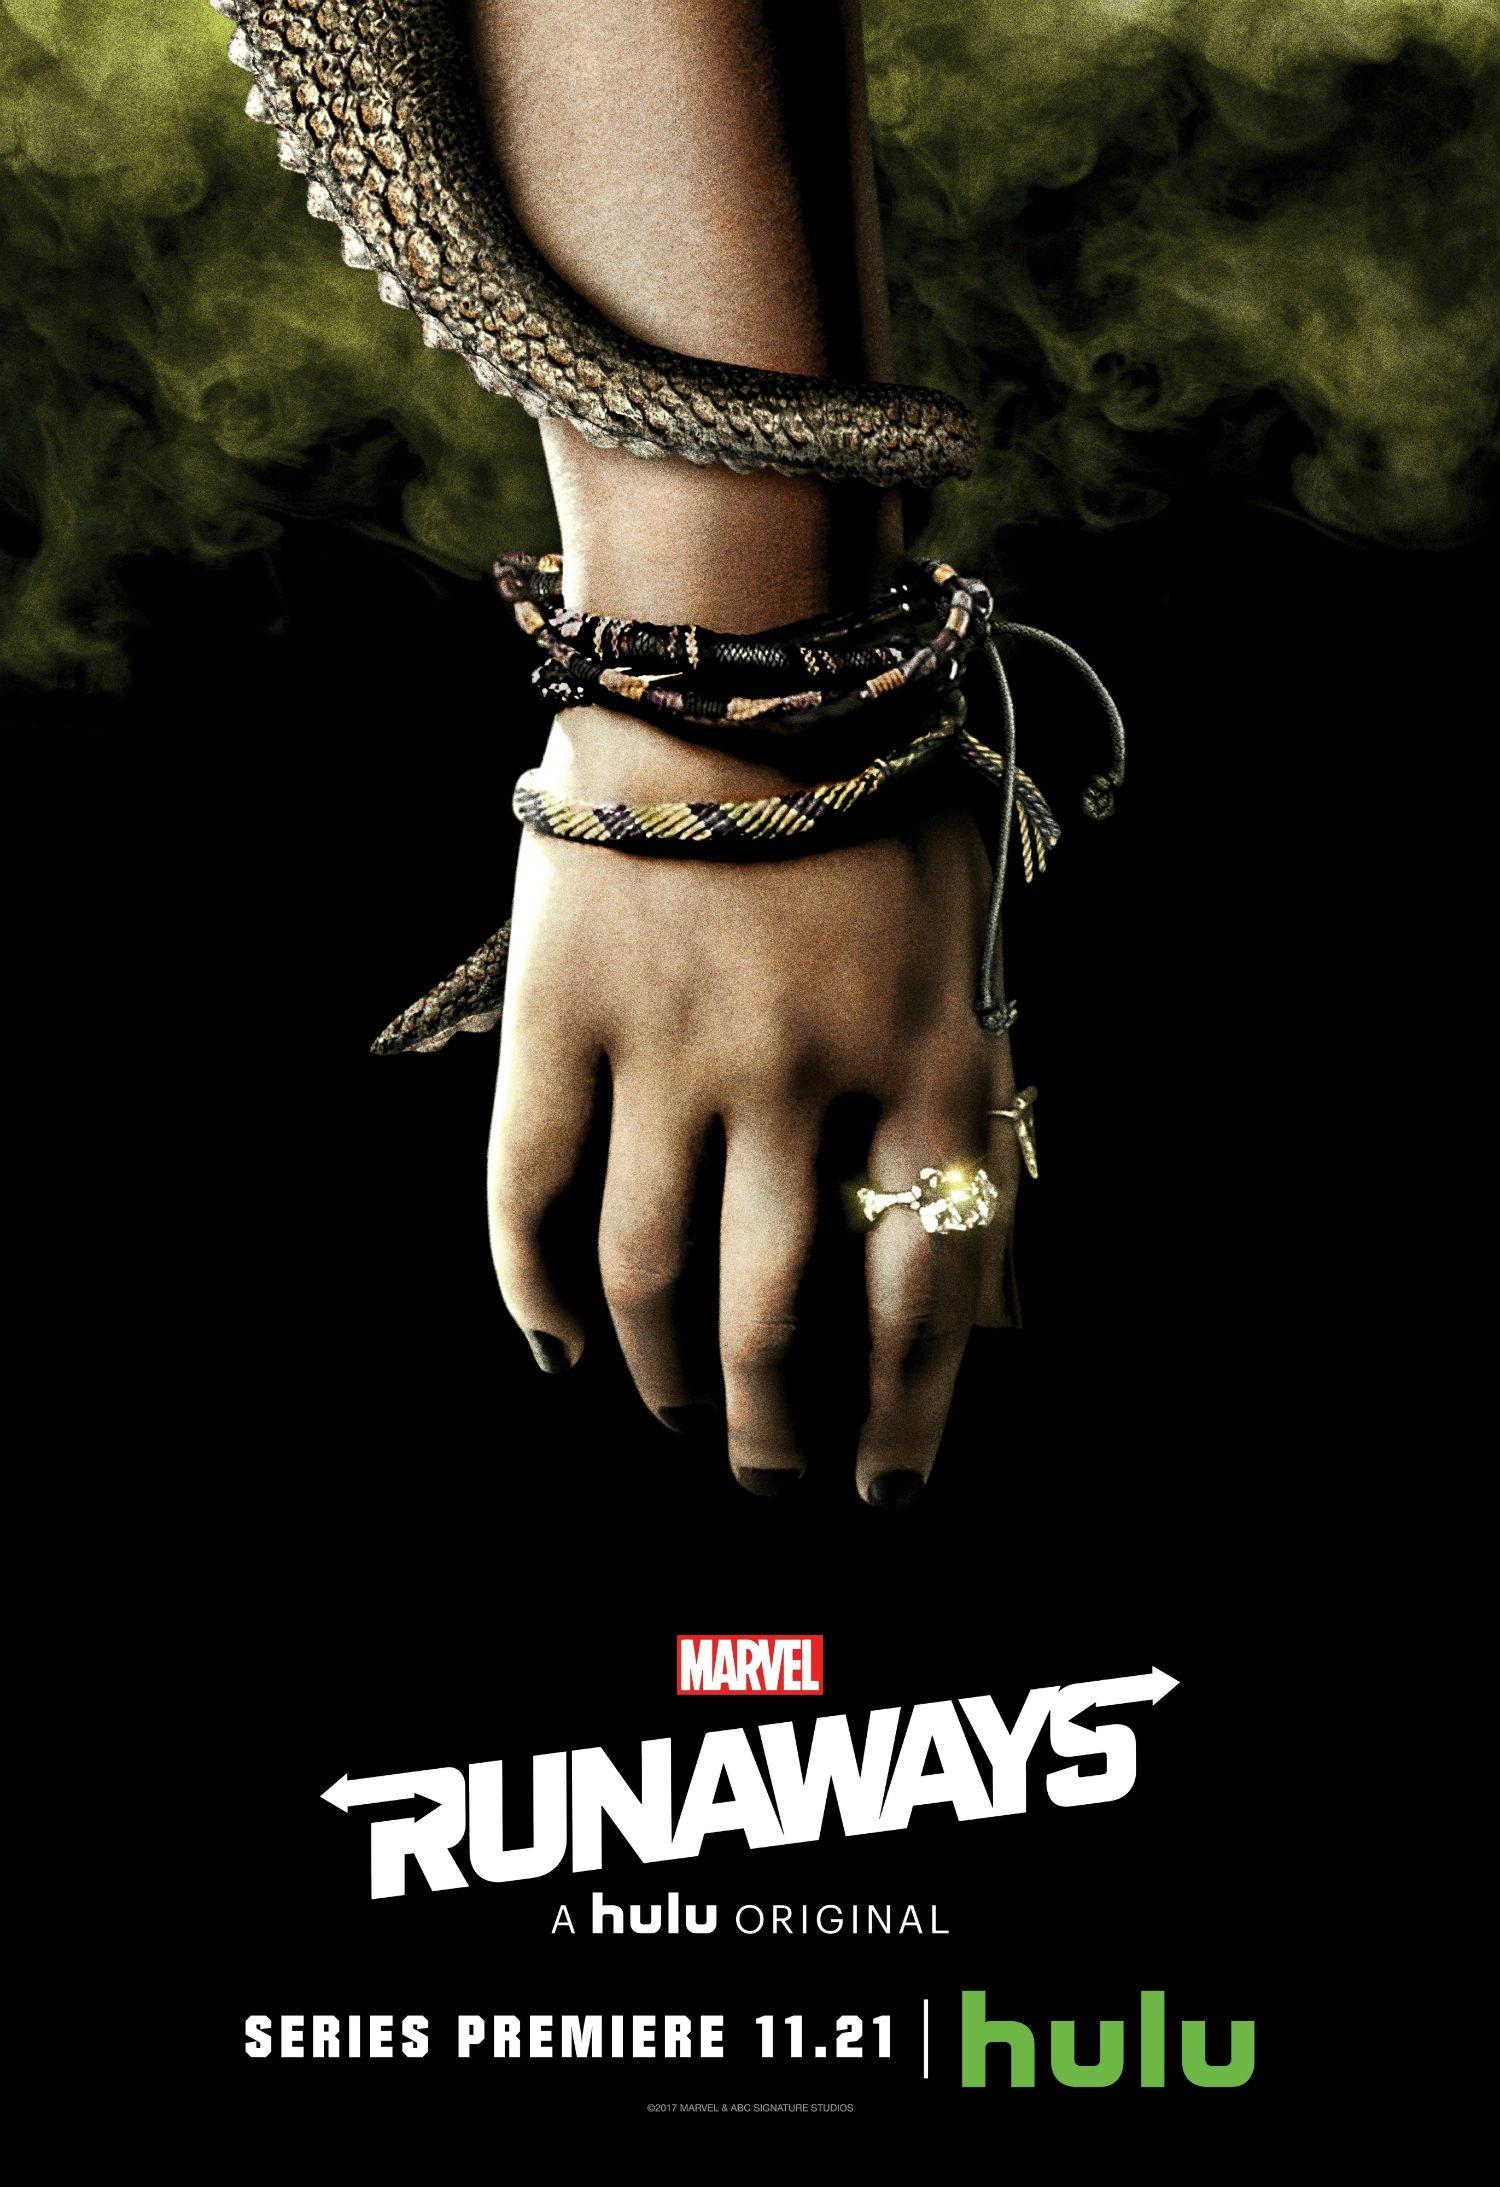 Poster de la saison 1 de Runaways avec le poing de Gert Yorkes